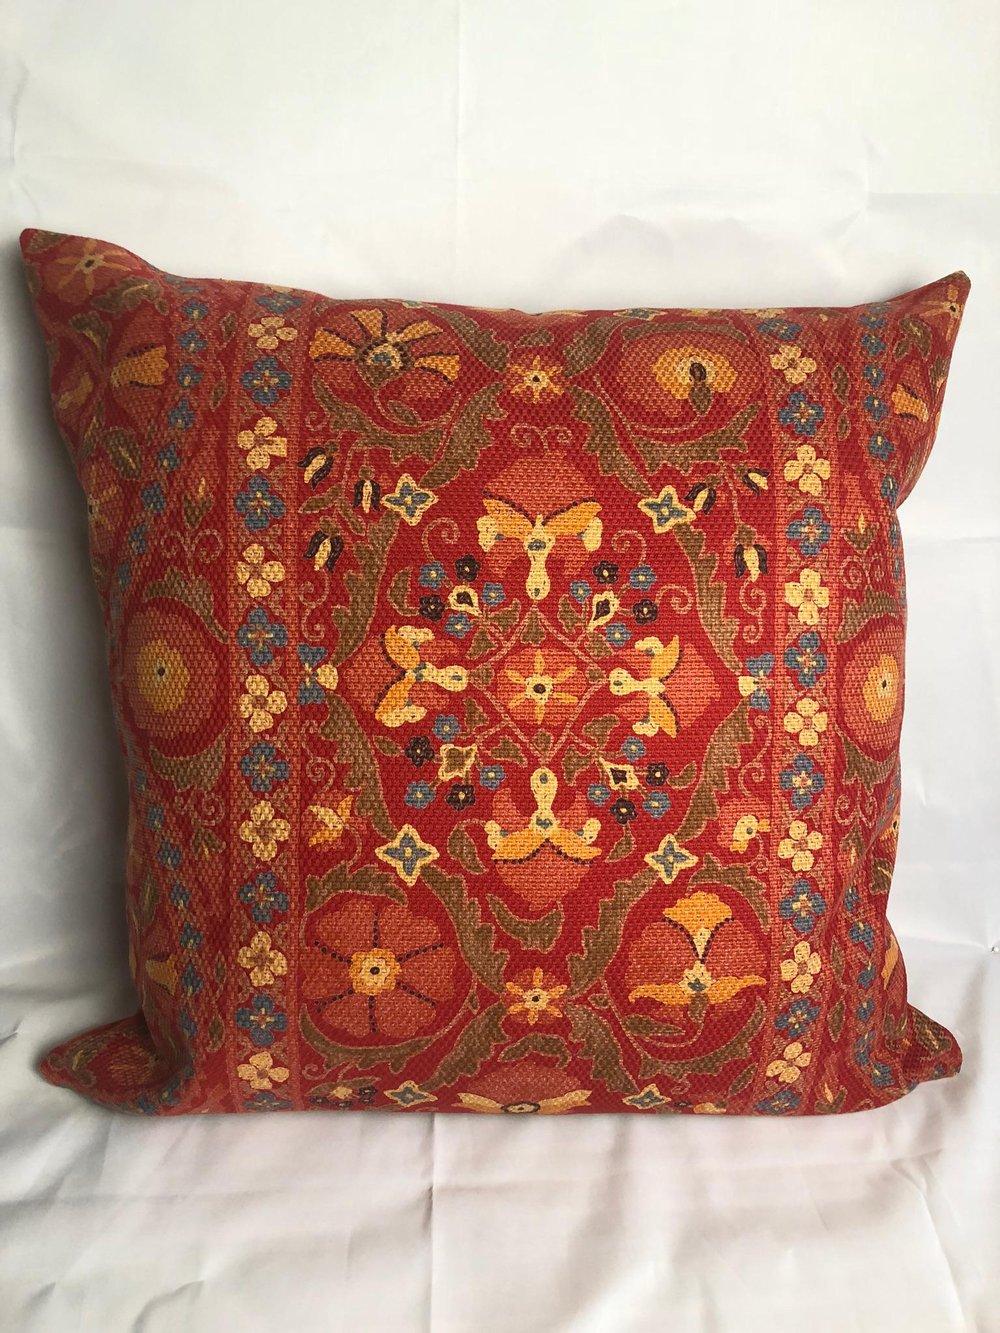 Brunschwig & Fils Designer Pillow With 90/10 Down Insert